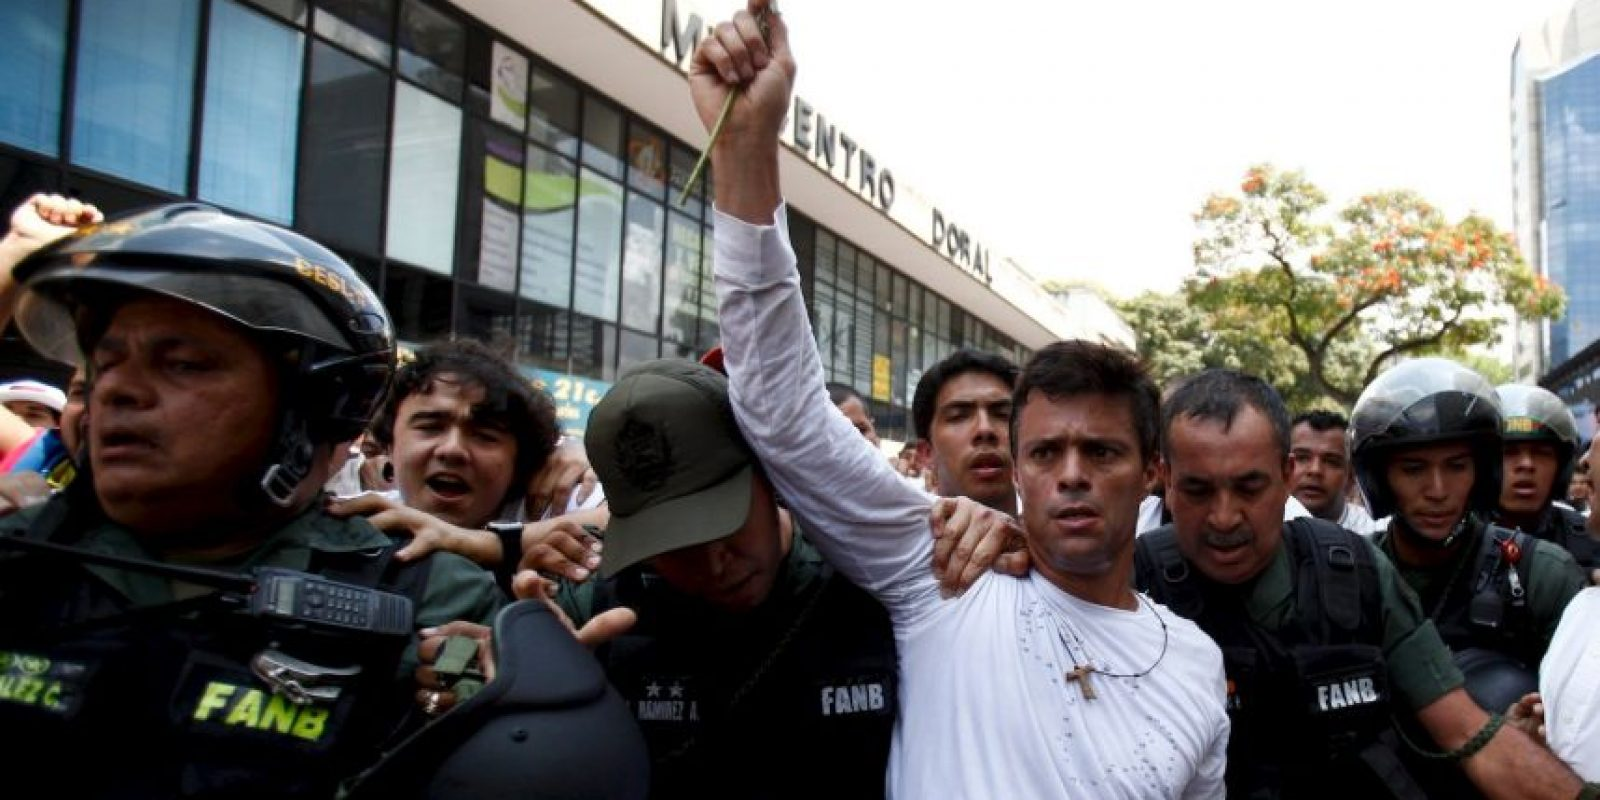 Leopoldo López hizo críticas y protestas hacía el gobierno de Venezuela, ocasionando que se le considerada como delincuente. Foto:AP